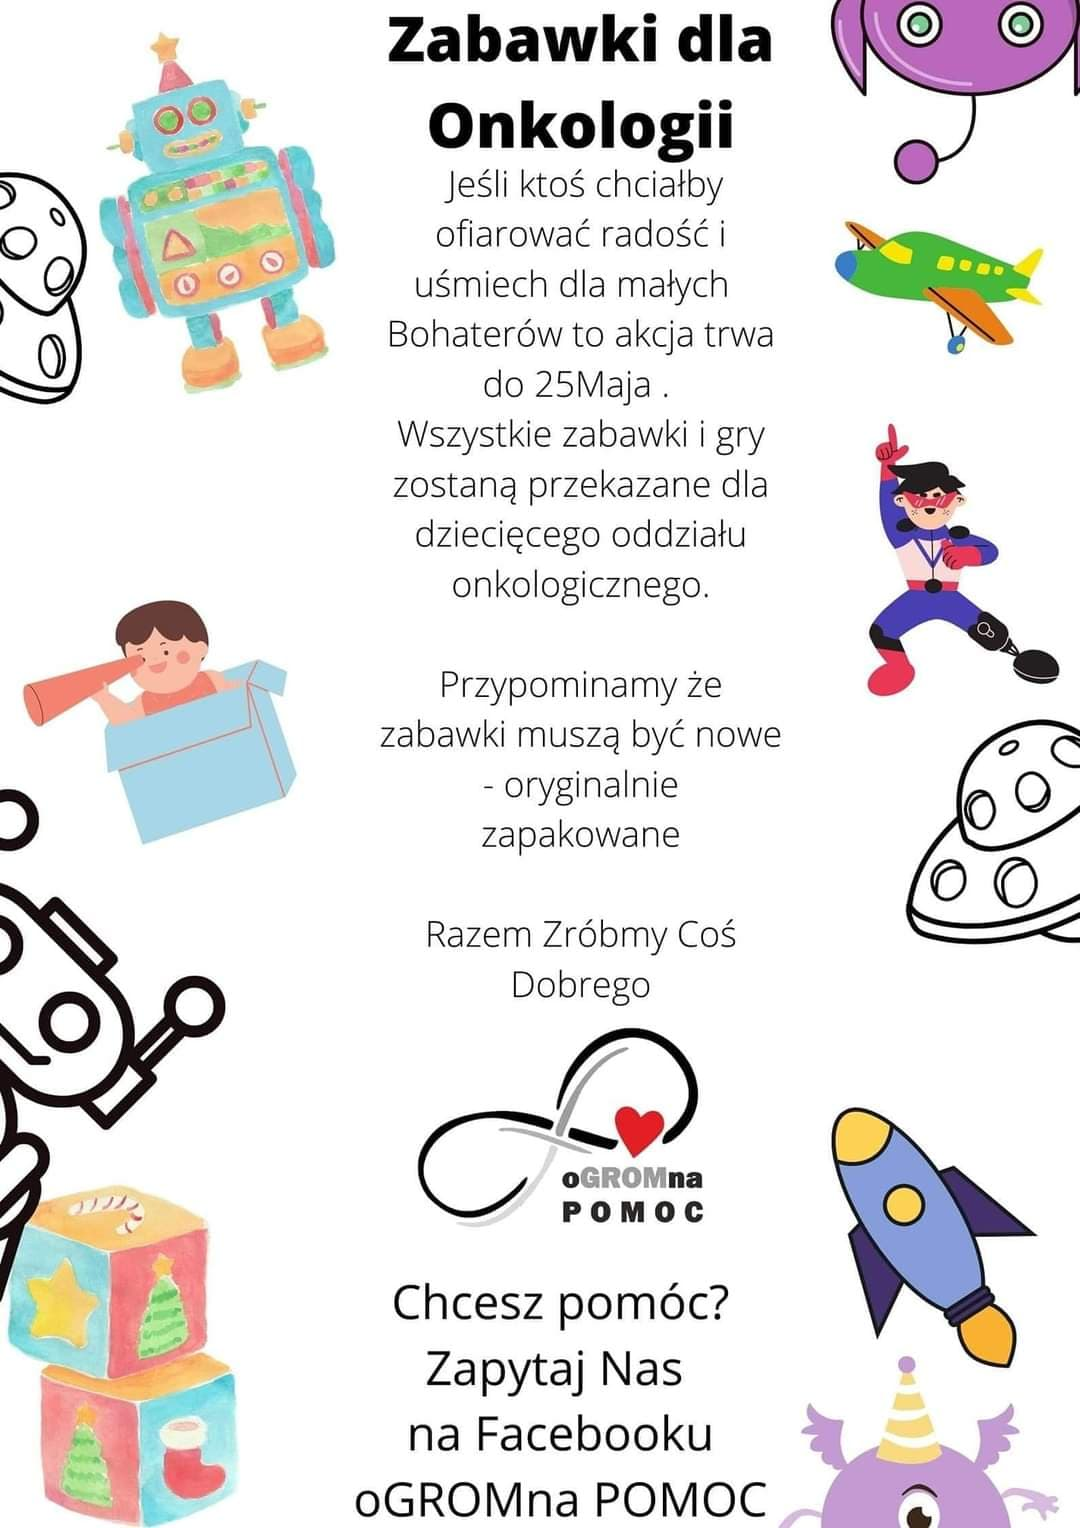 Zabawki dla Onkologii